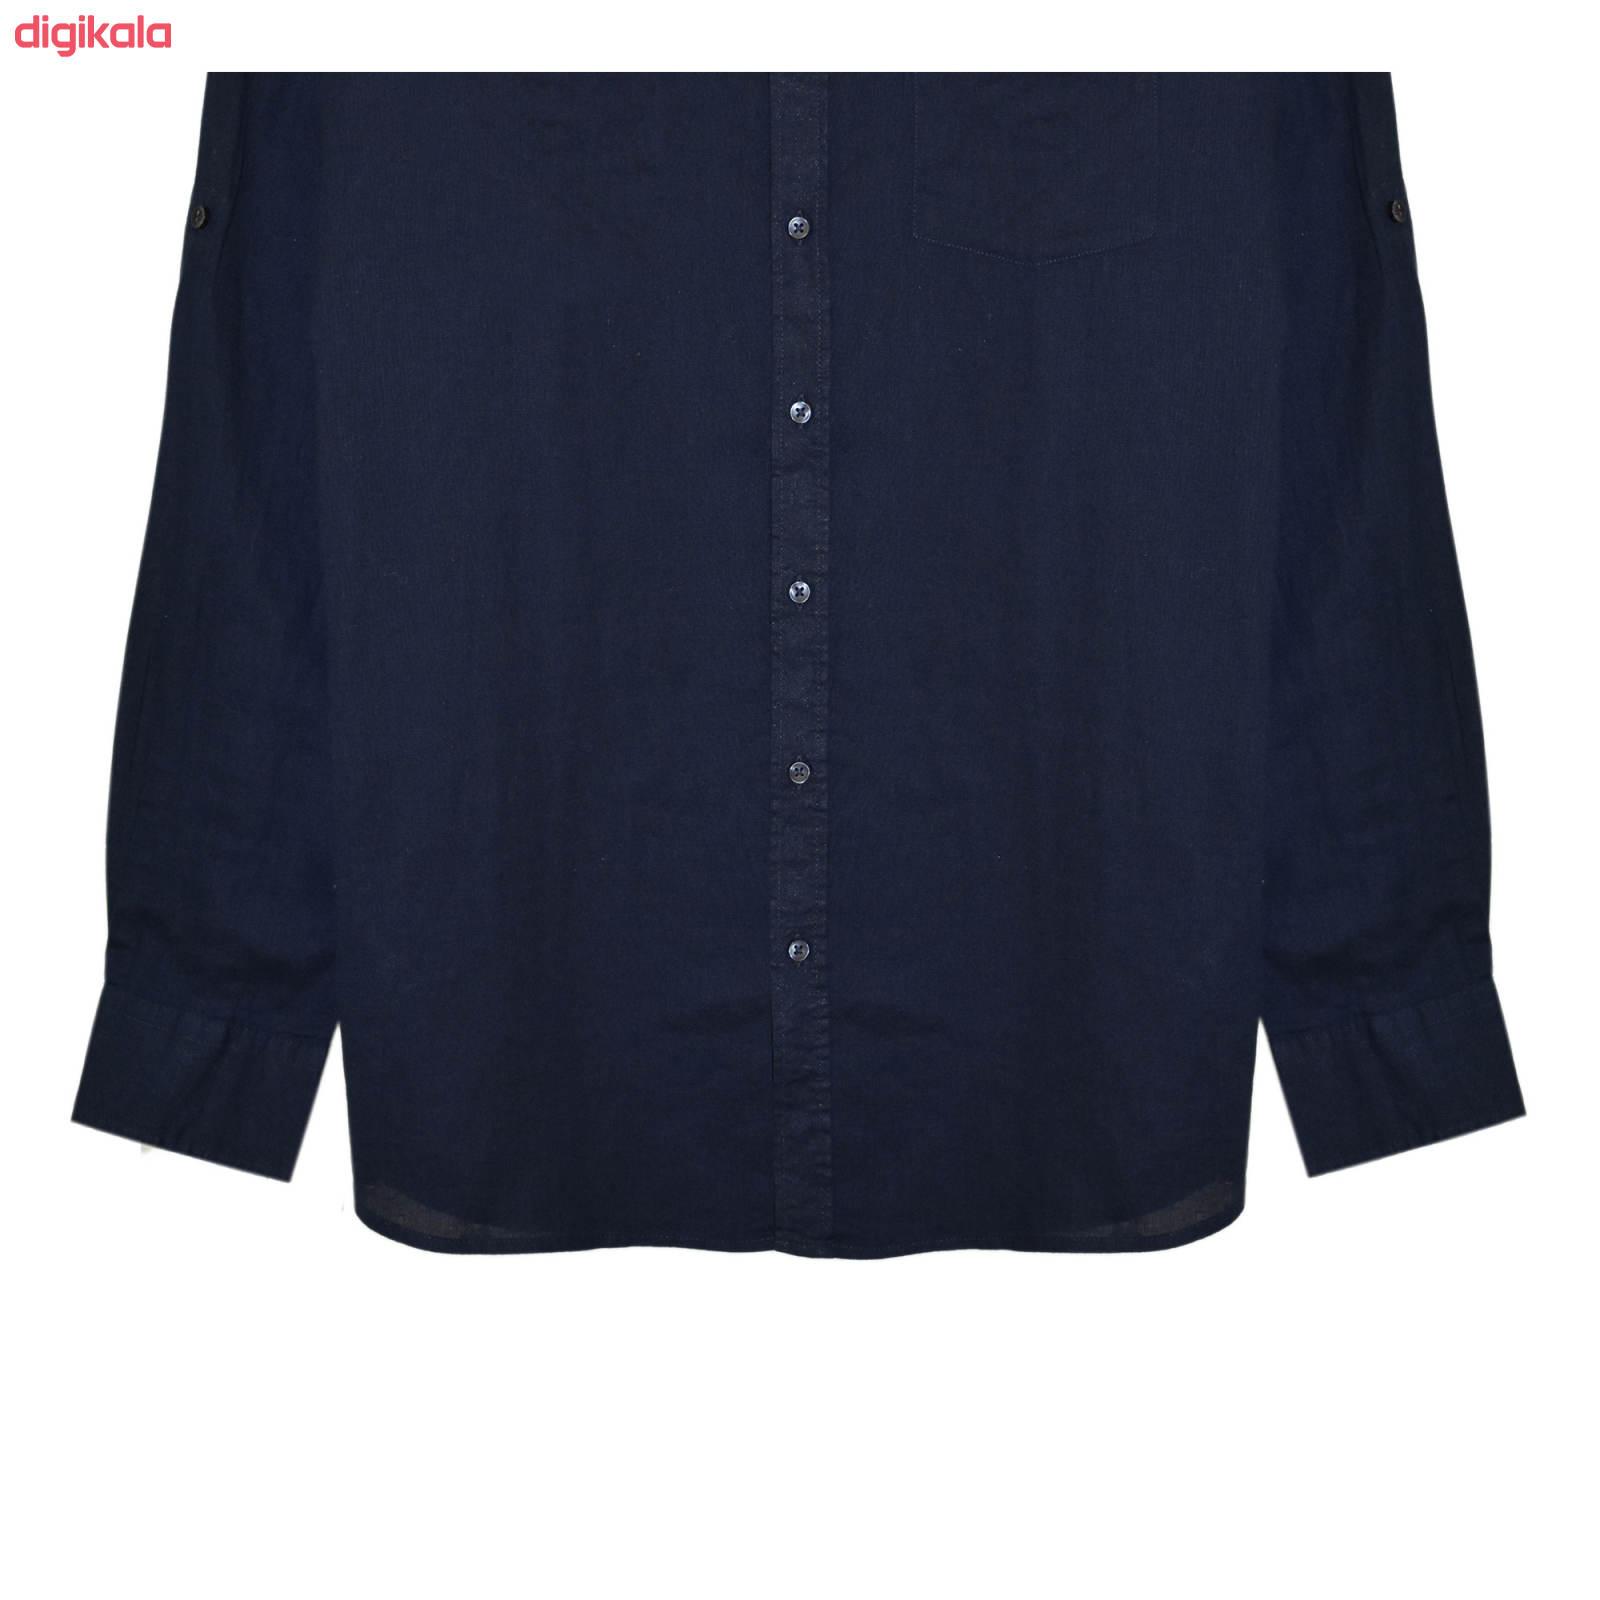 پیراهن آستین بلند مردانه لیورجی مدل 3257641 main 1 2